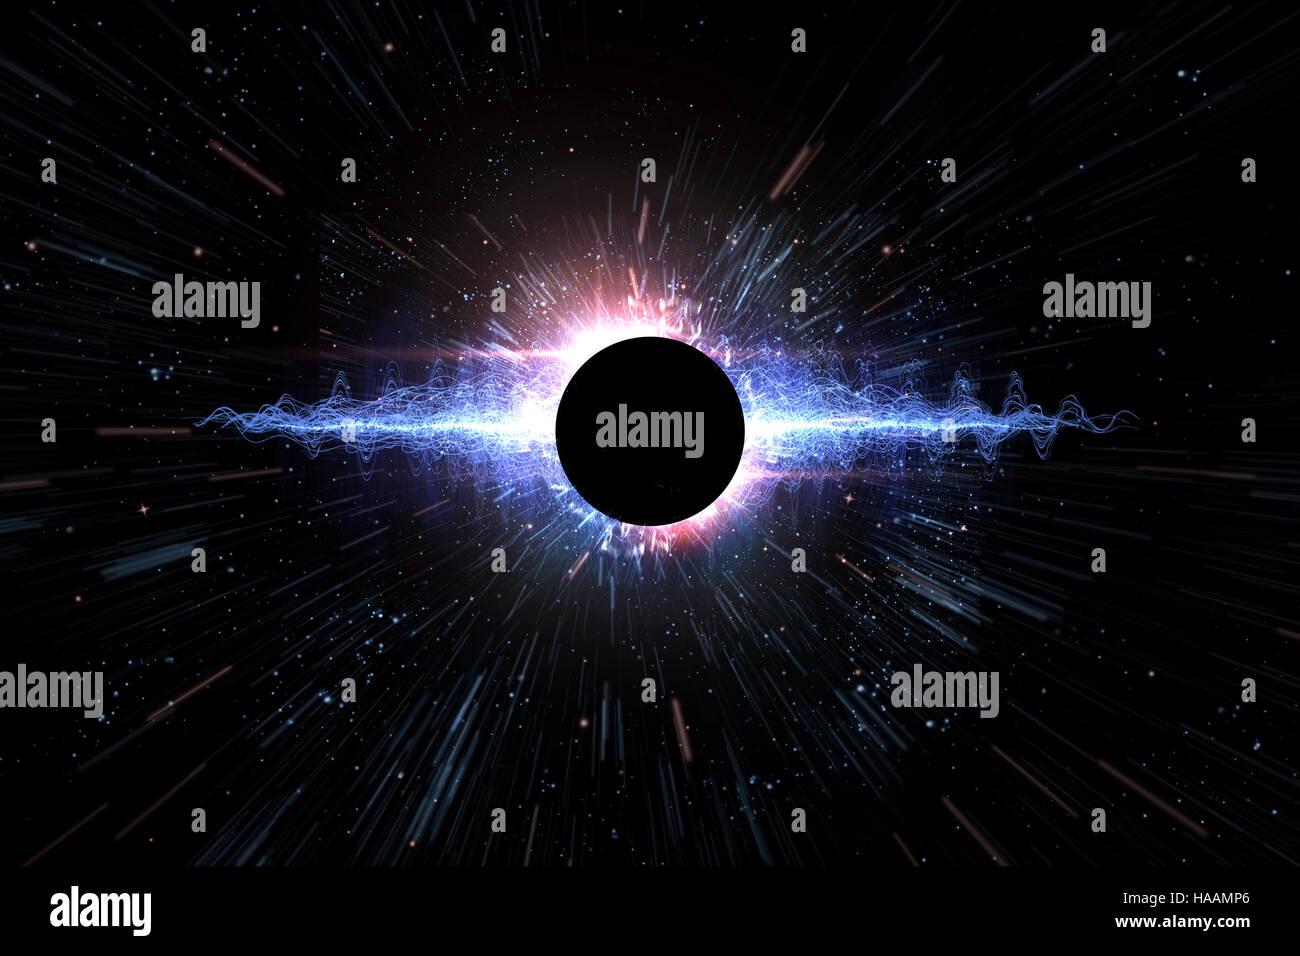 Universe Schwarzes Loch Explosion Weltraum Hintergrund 3D